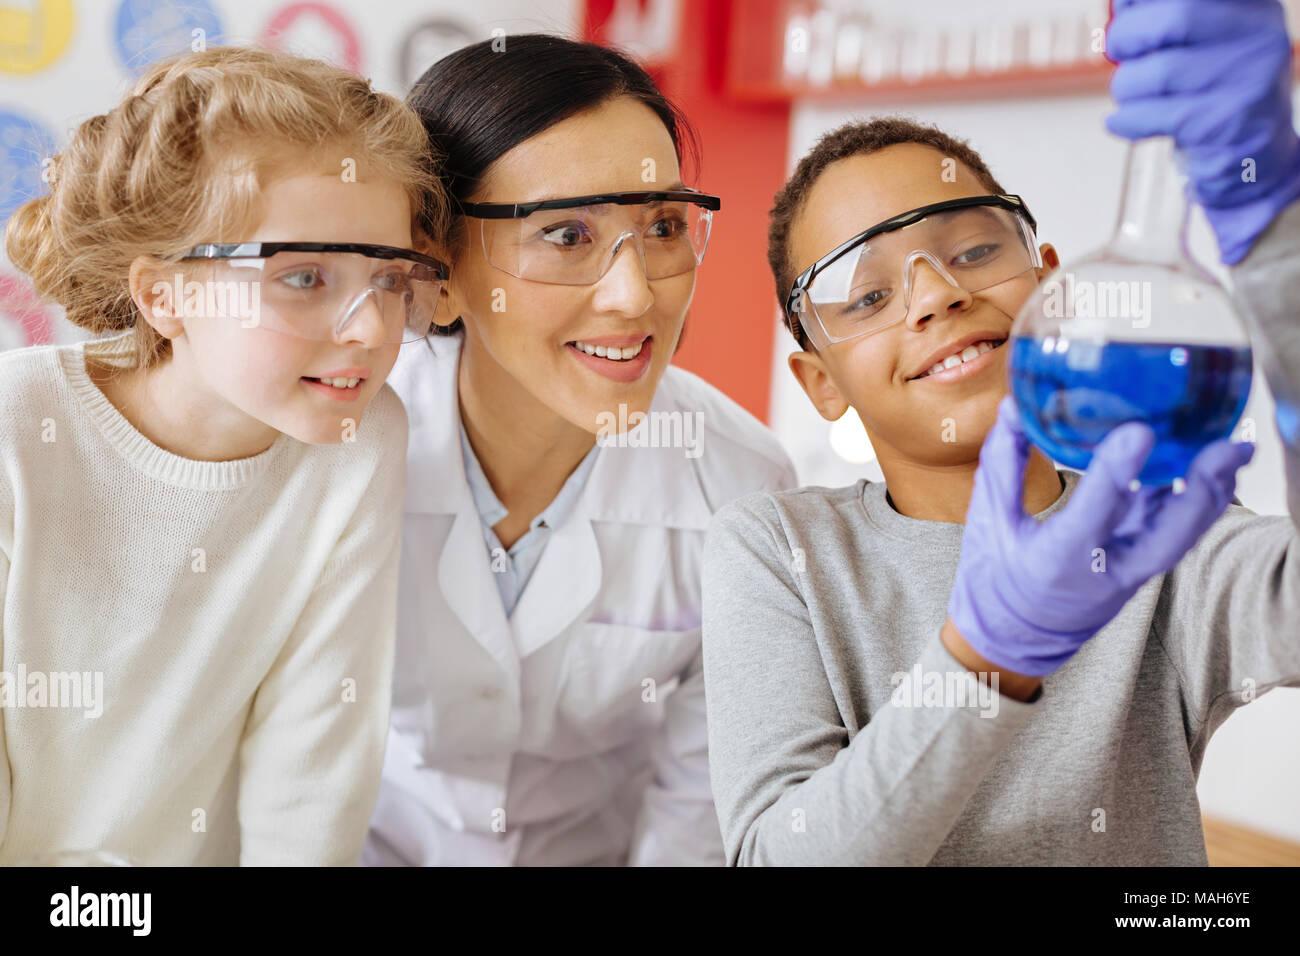 La fiole avec de l'écolier montrant fièrement à l'enseignant et substance camarade Photo Stock